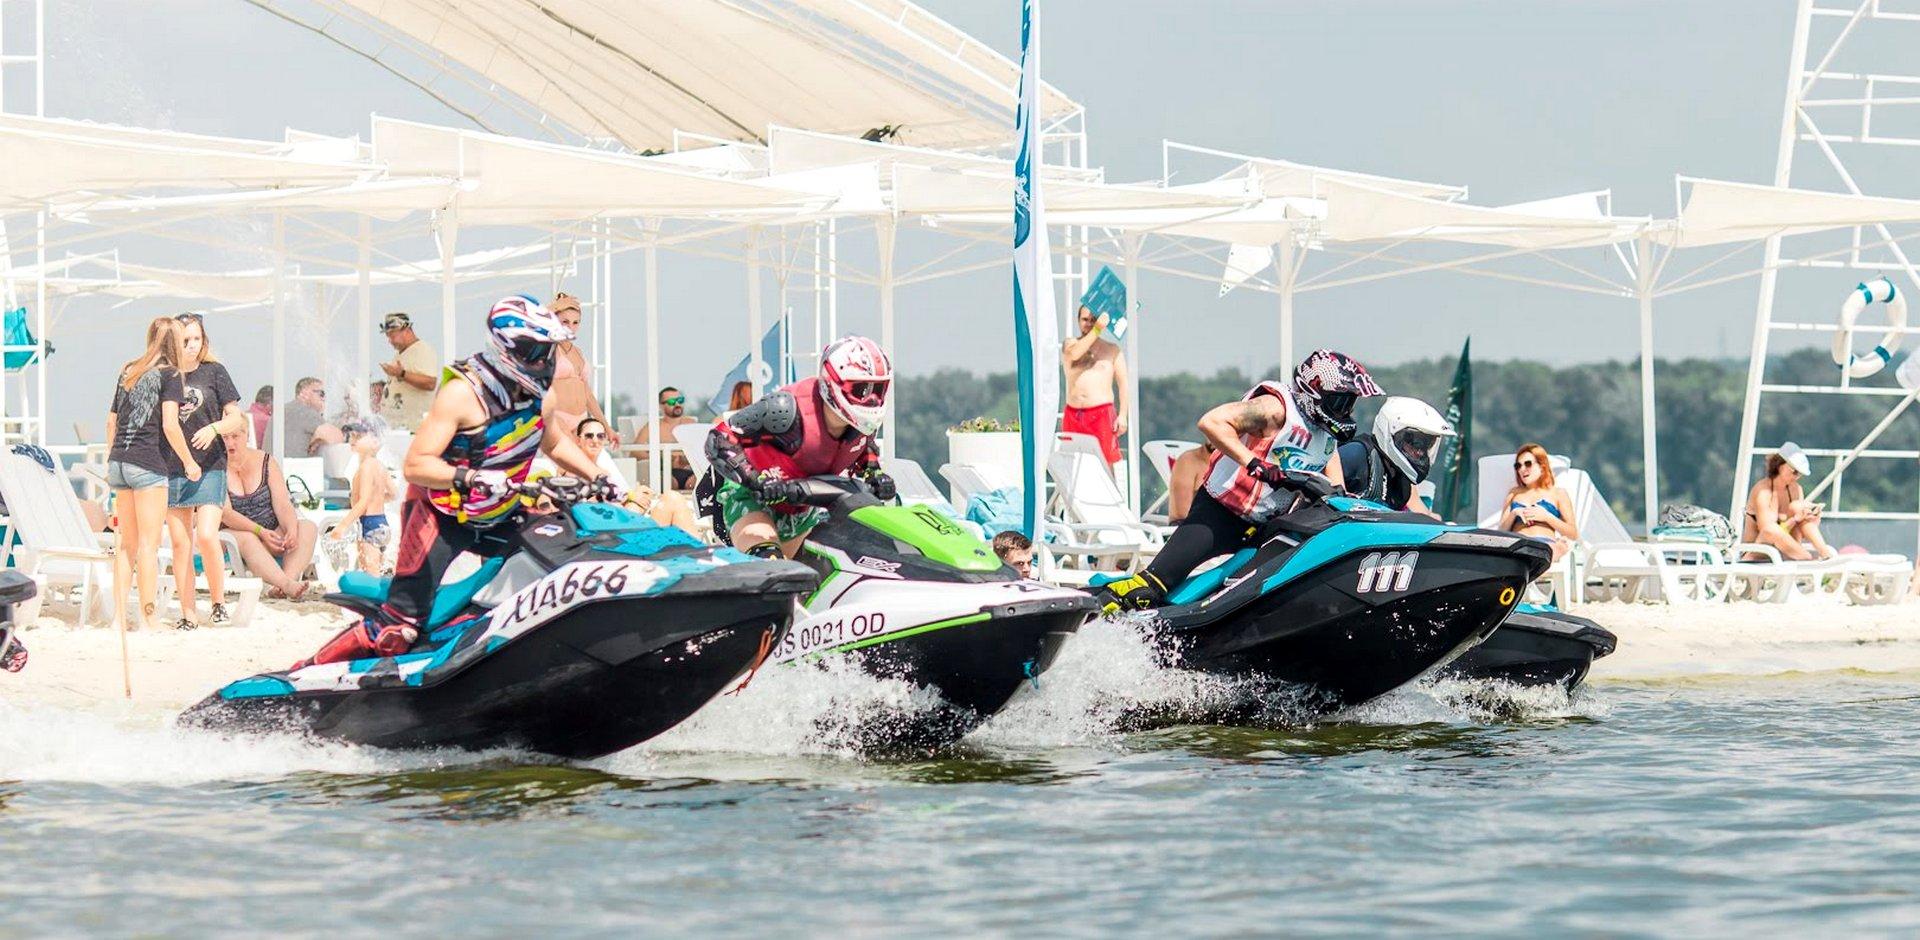 21-22 июля, в Днепре, второй этап Чемпионата Украины по аквабайку гостеприимно принимал Bartolomeo Best River Resort! Видео и фотоотчет с соревнований.